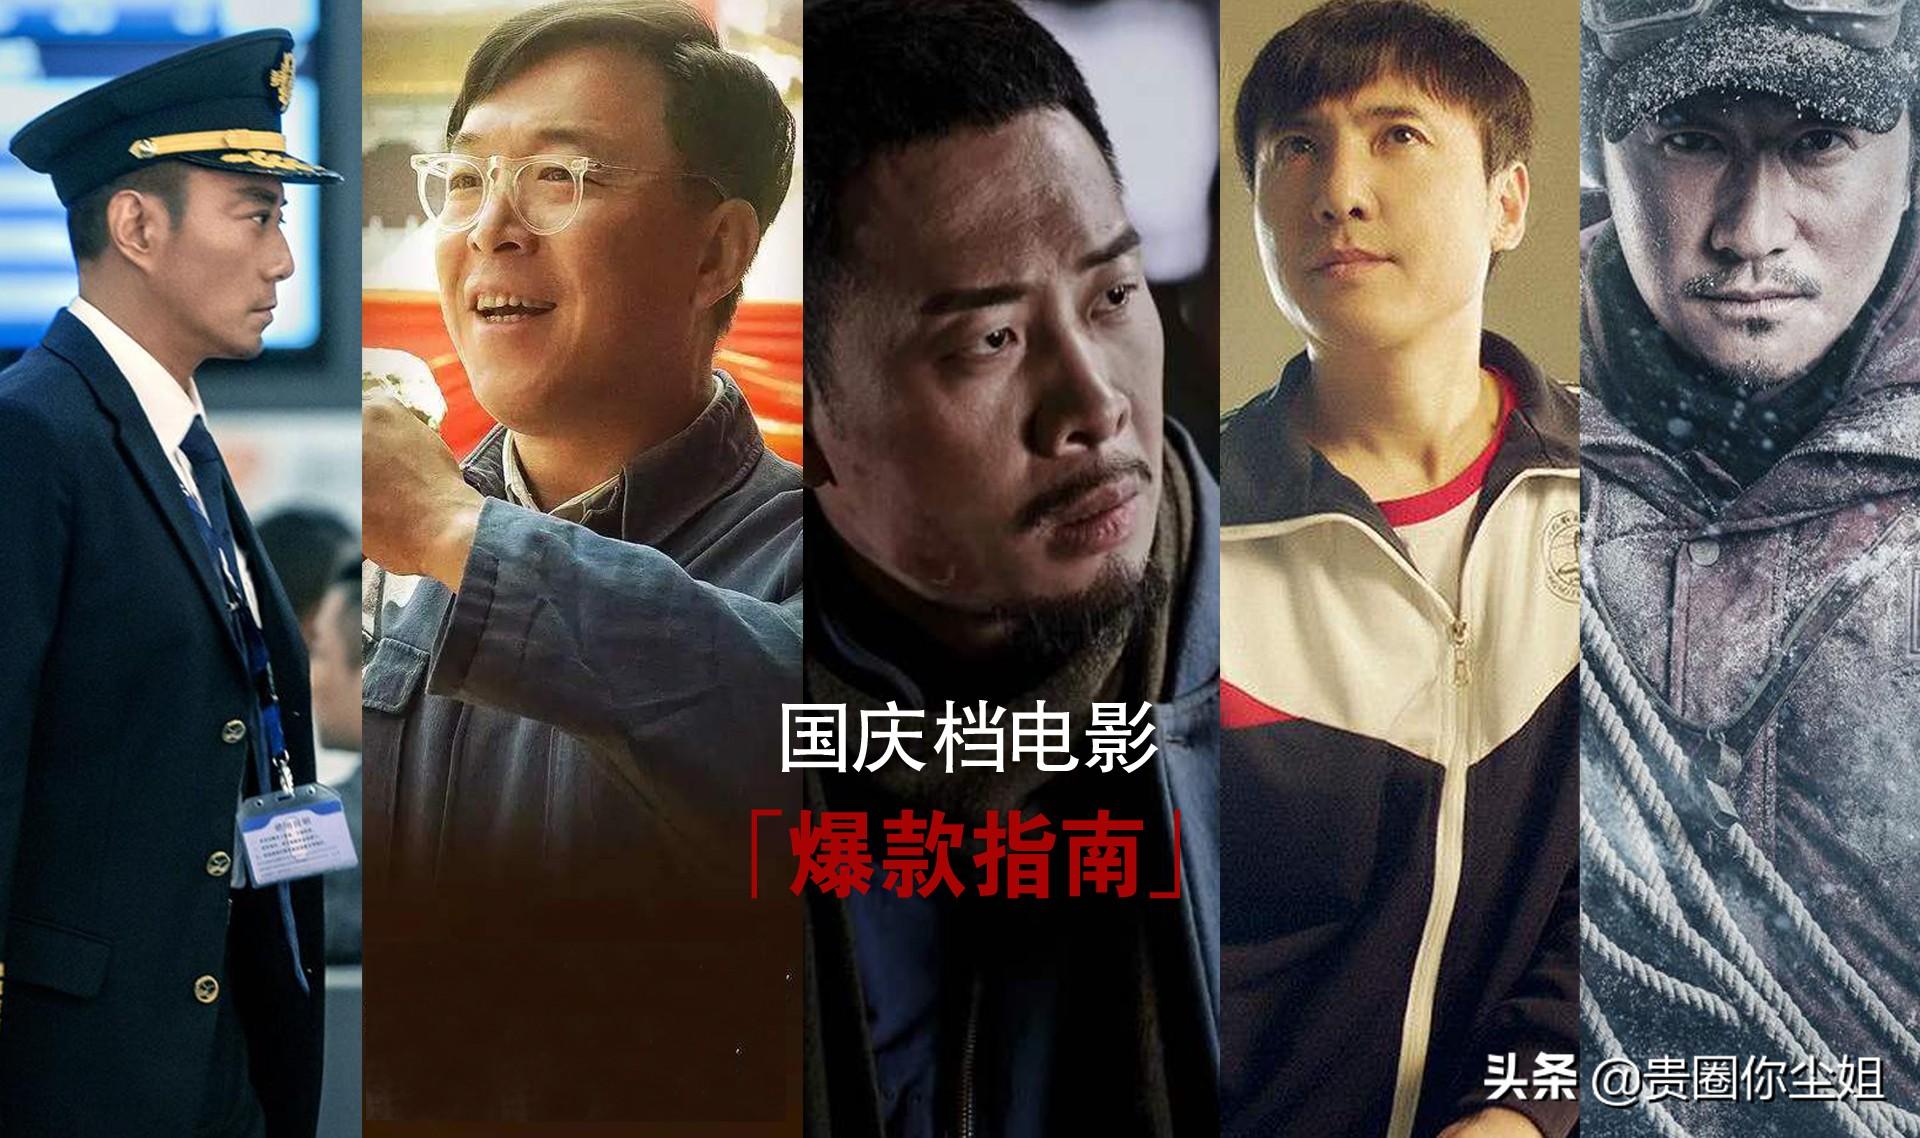 黄渤张译葛优年年有,3大题材票房节节高 |国庆档电影爆款指南